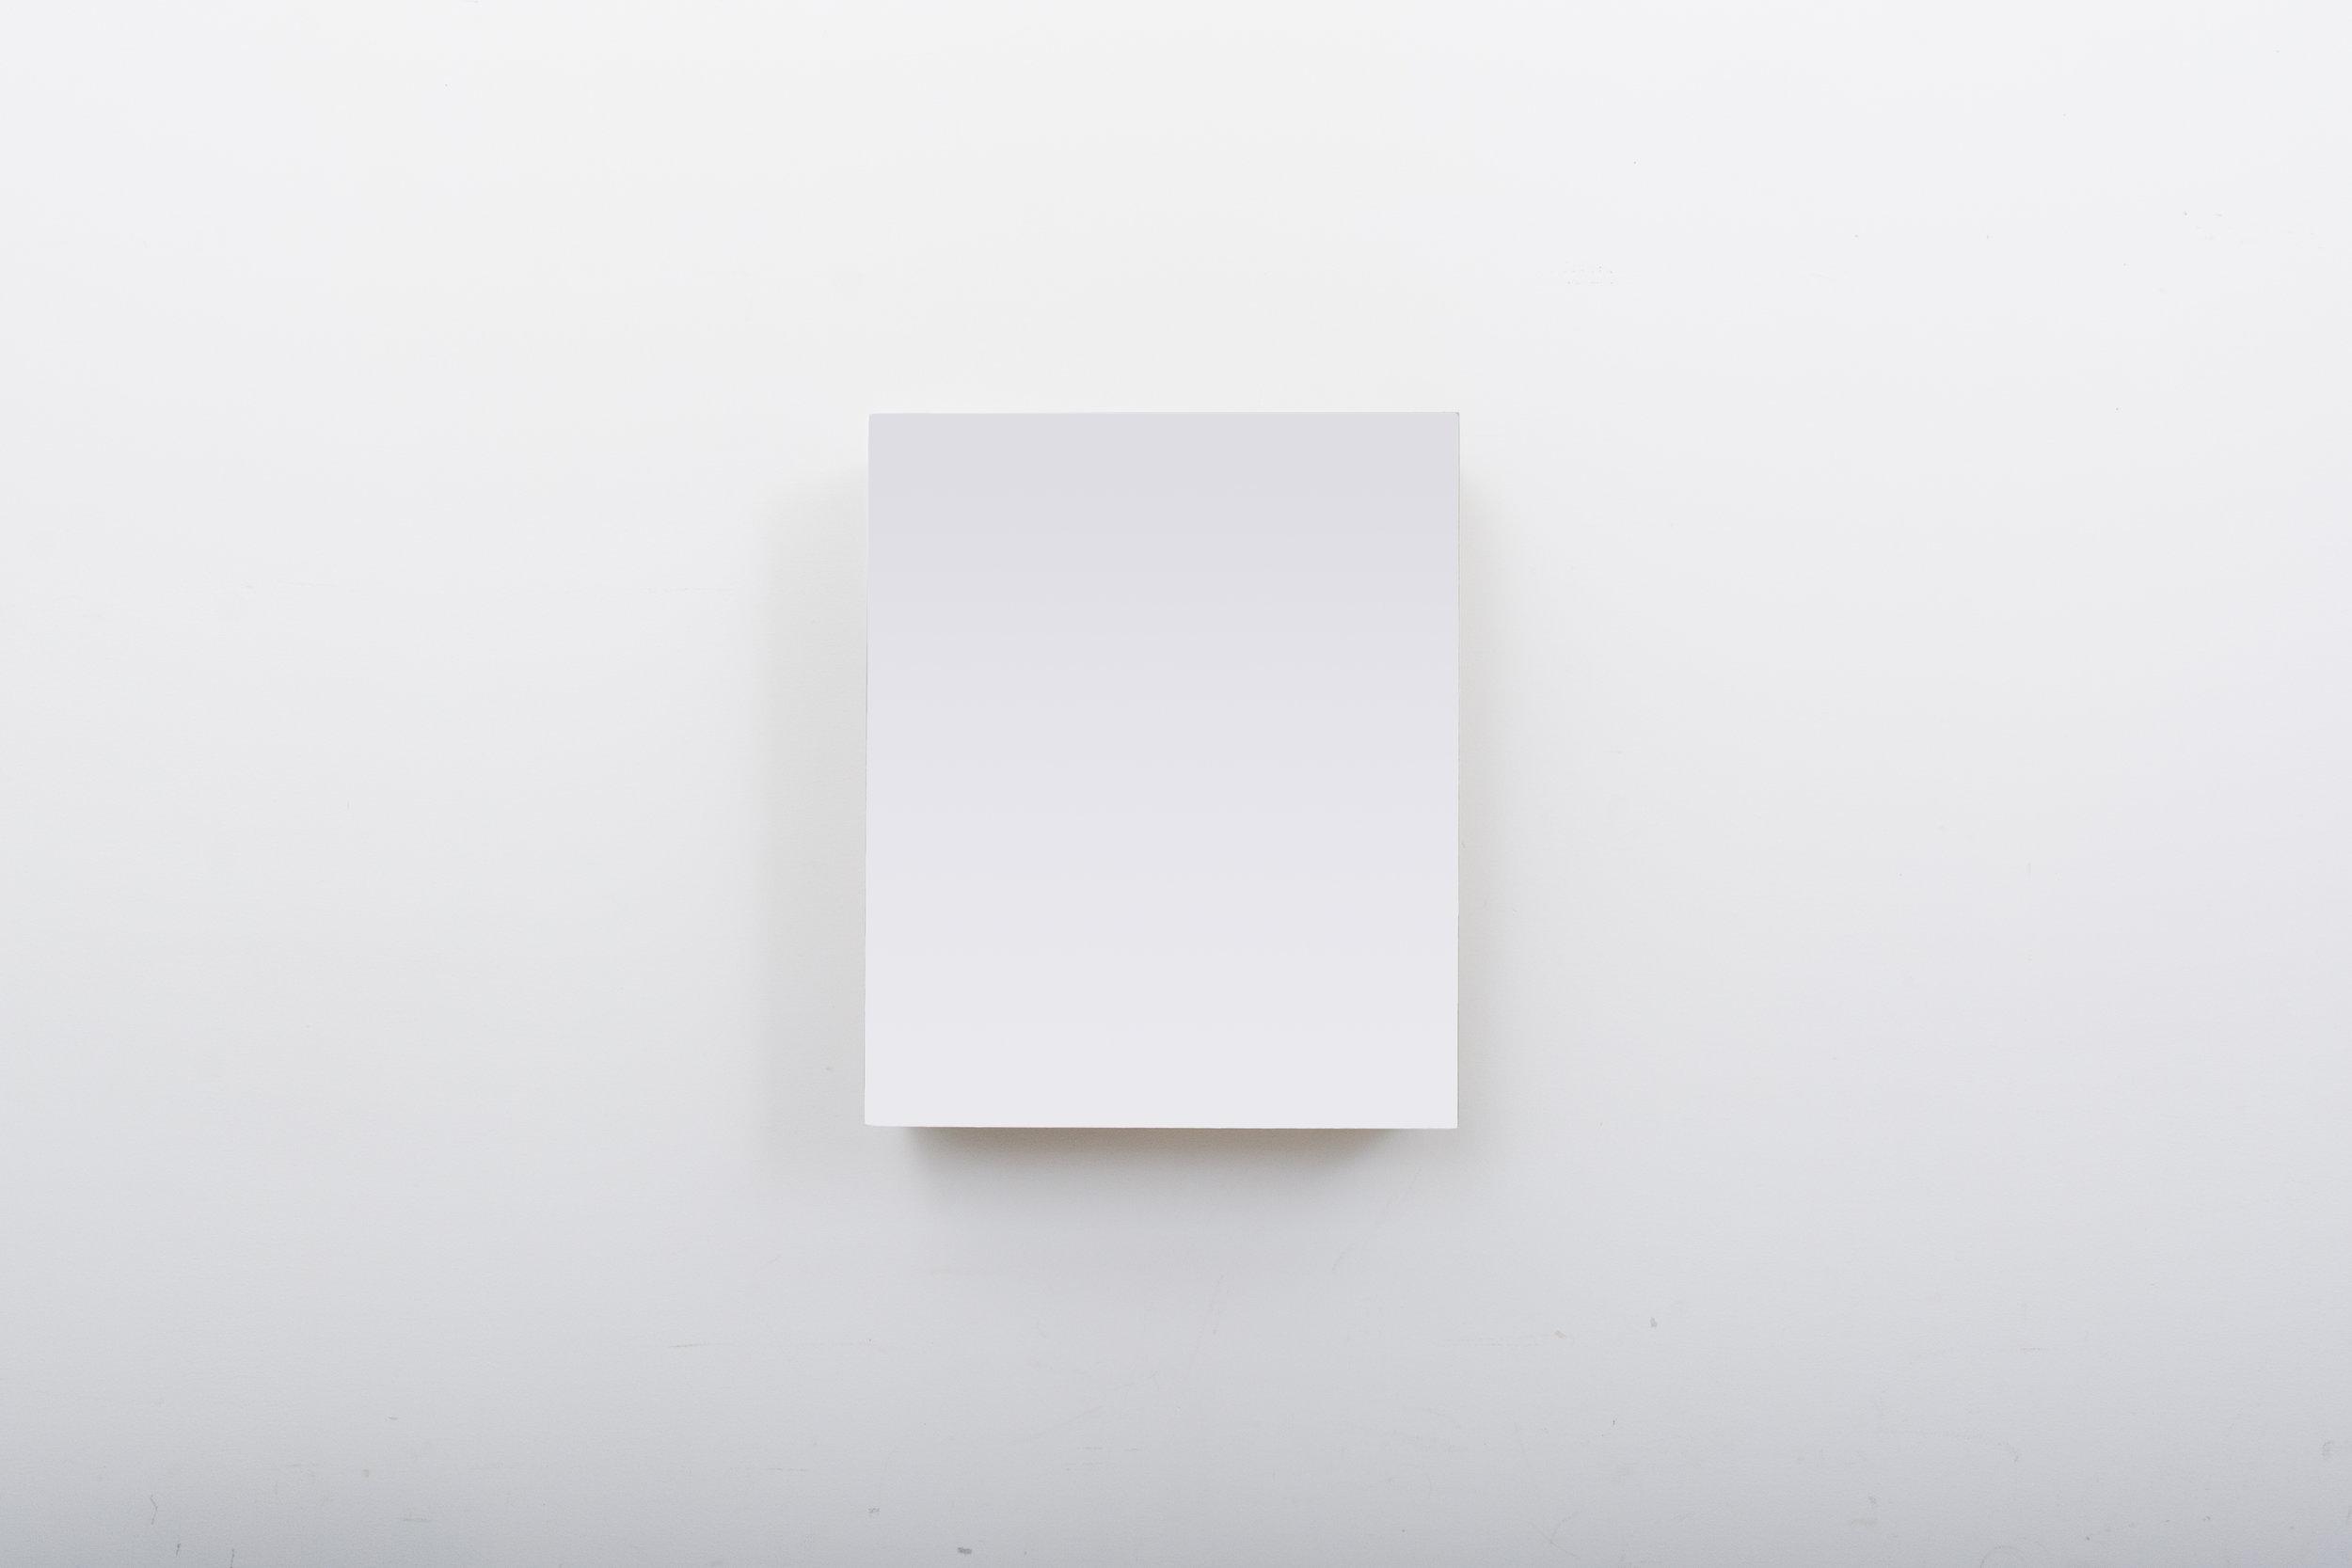 tl mirror box 1.jpg